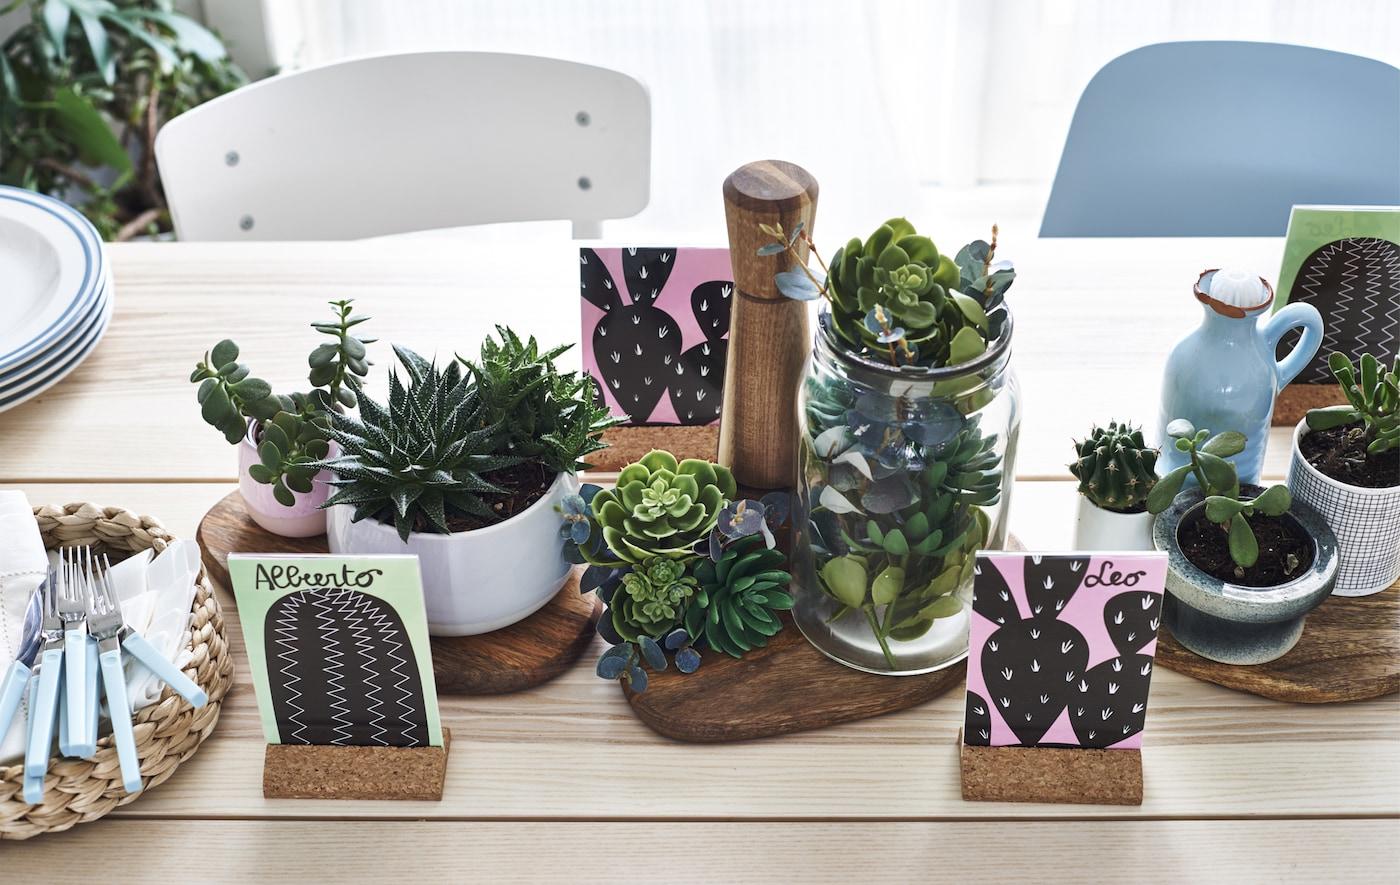 طاولة خشب باهتة اللون مليئة بنباتات العصاري في آنية نباتات.